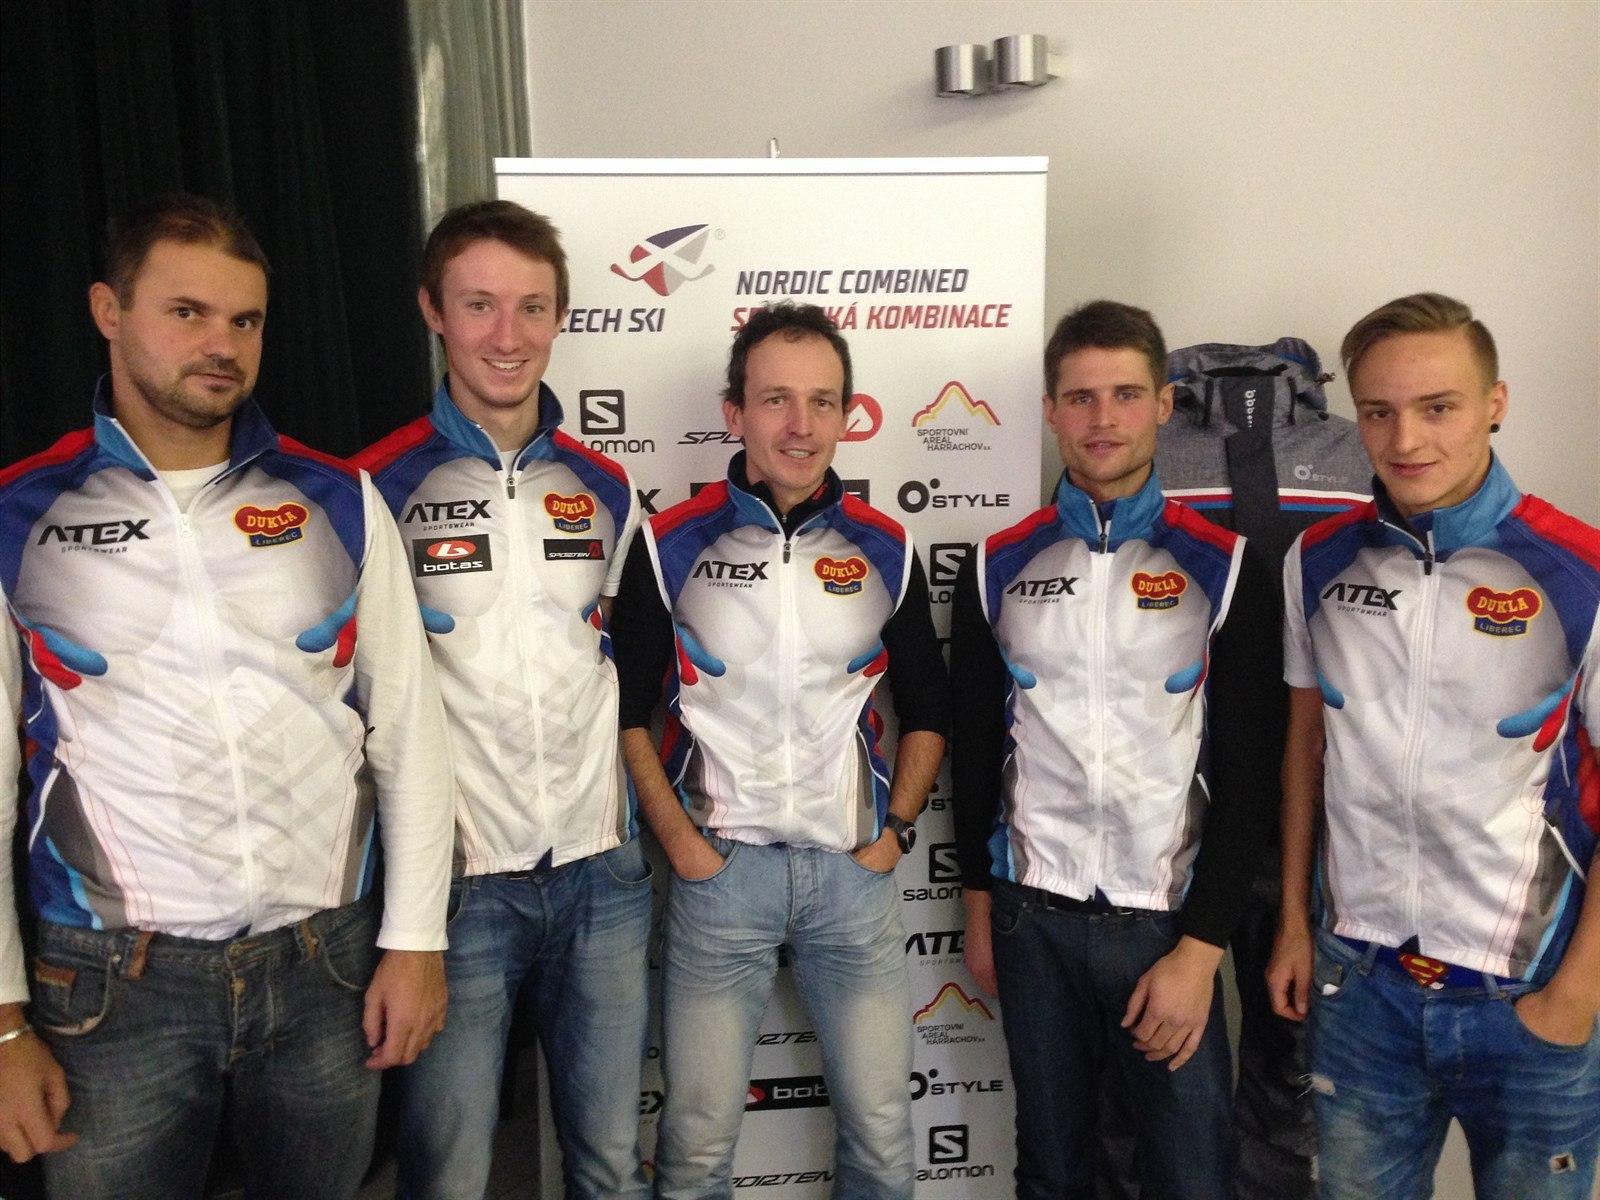 Úspějí čeští závodníci na Olympiádě